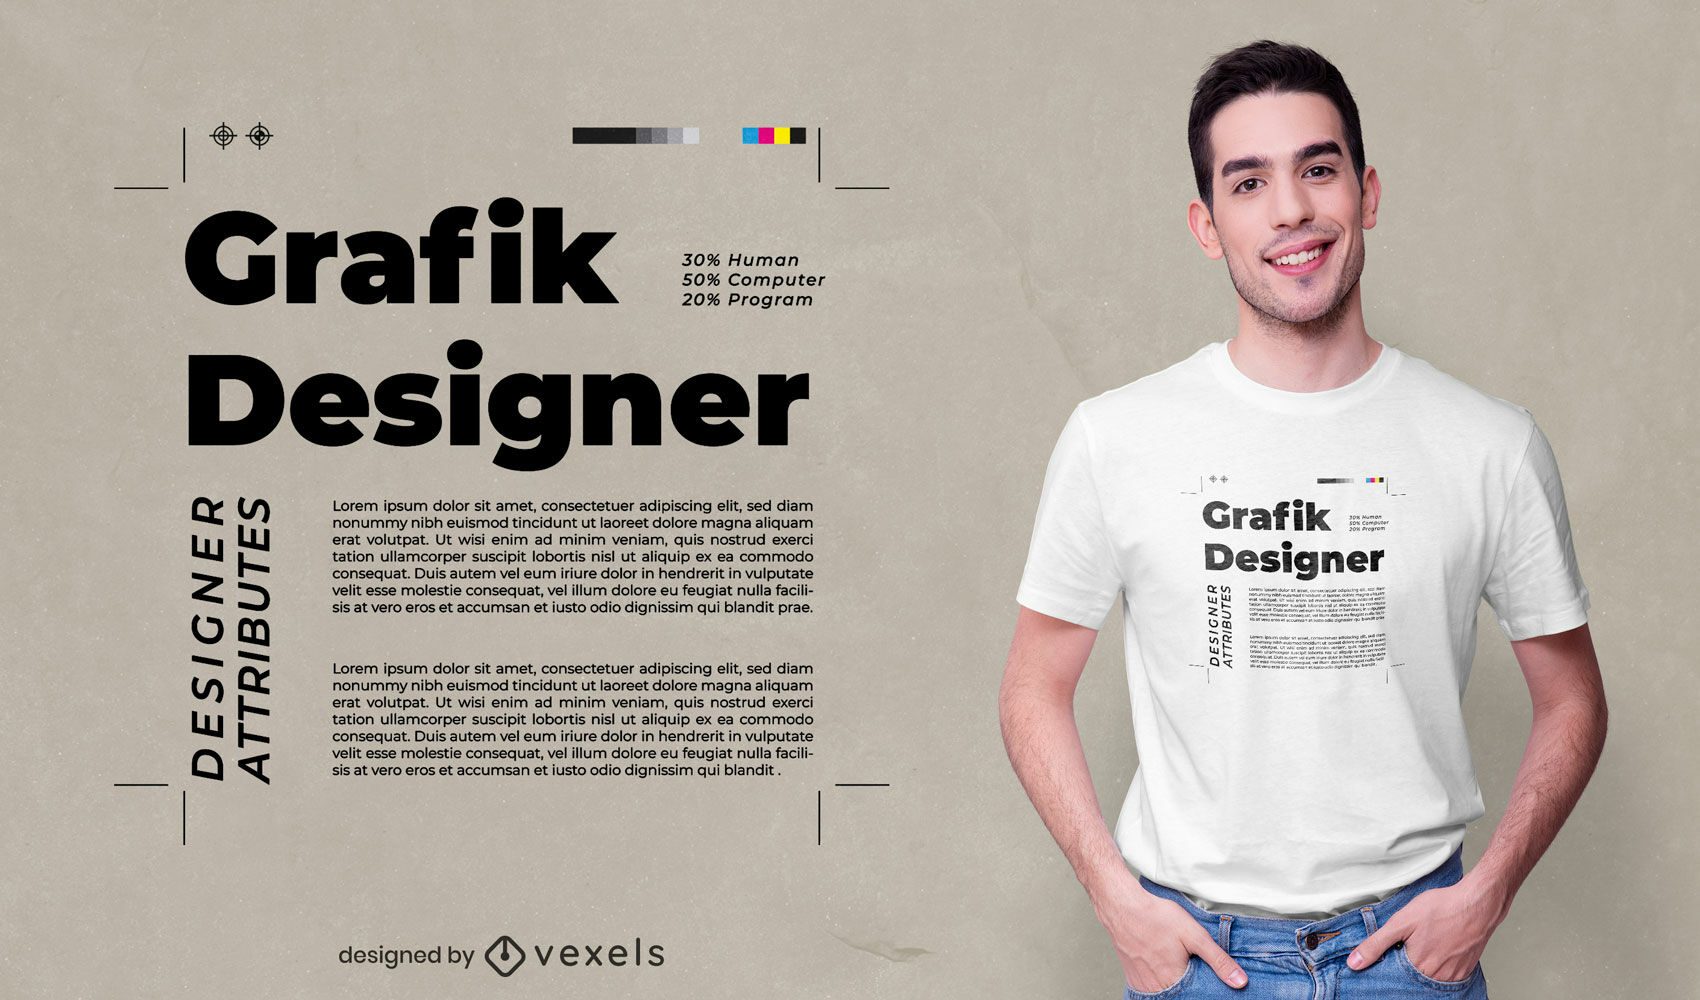 Diseño de camiseta de cita de diseñador gráfico.